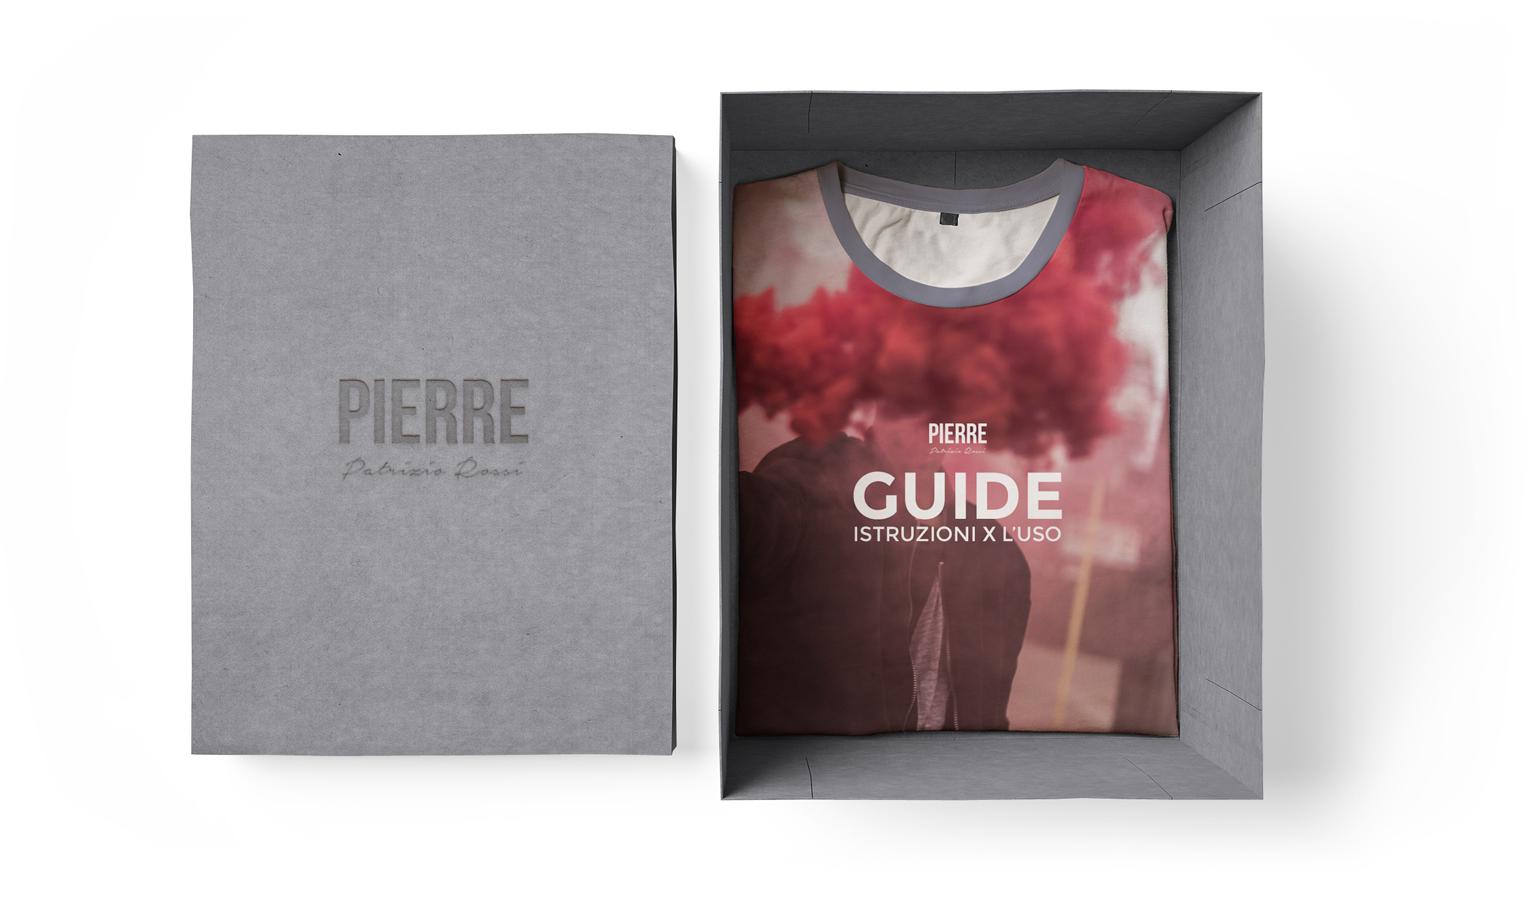 Guide Patrizio Rossi web and Graphic Designer Realizzazione siti web indicizzazione SEO grafica editoriale